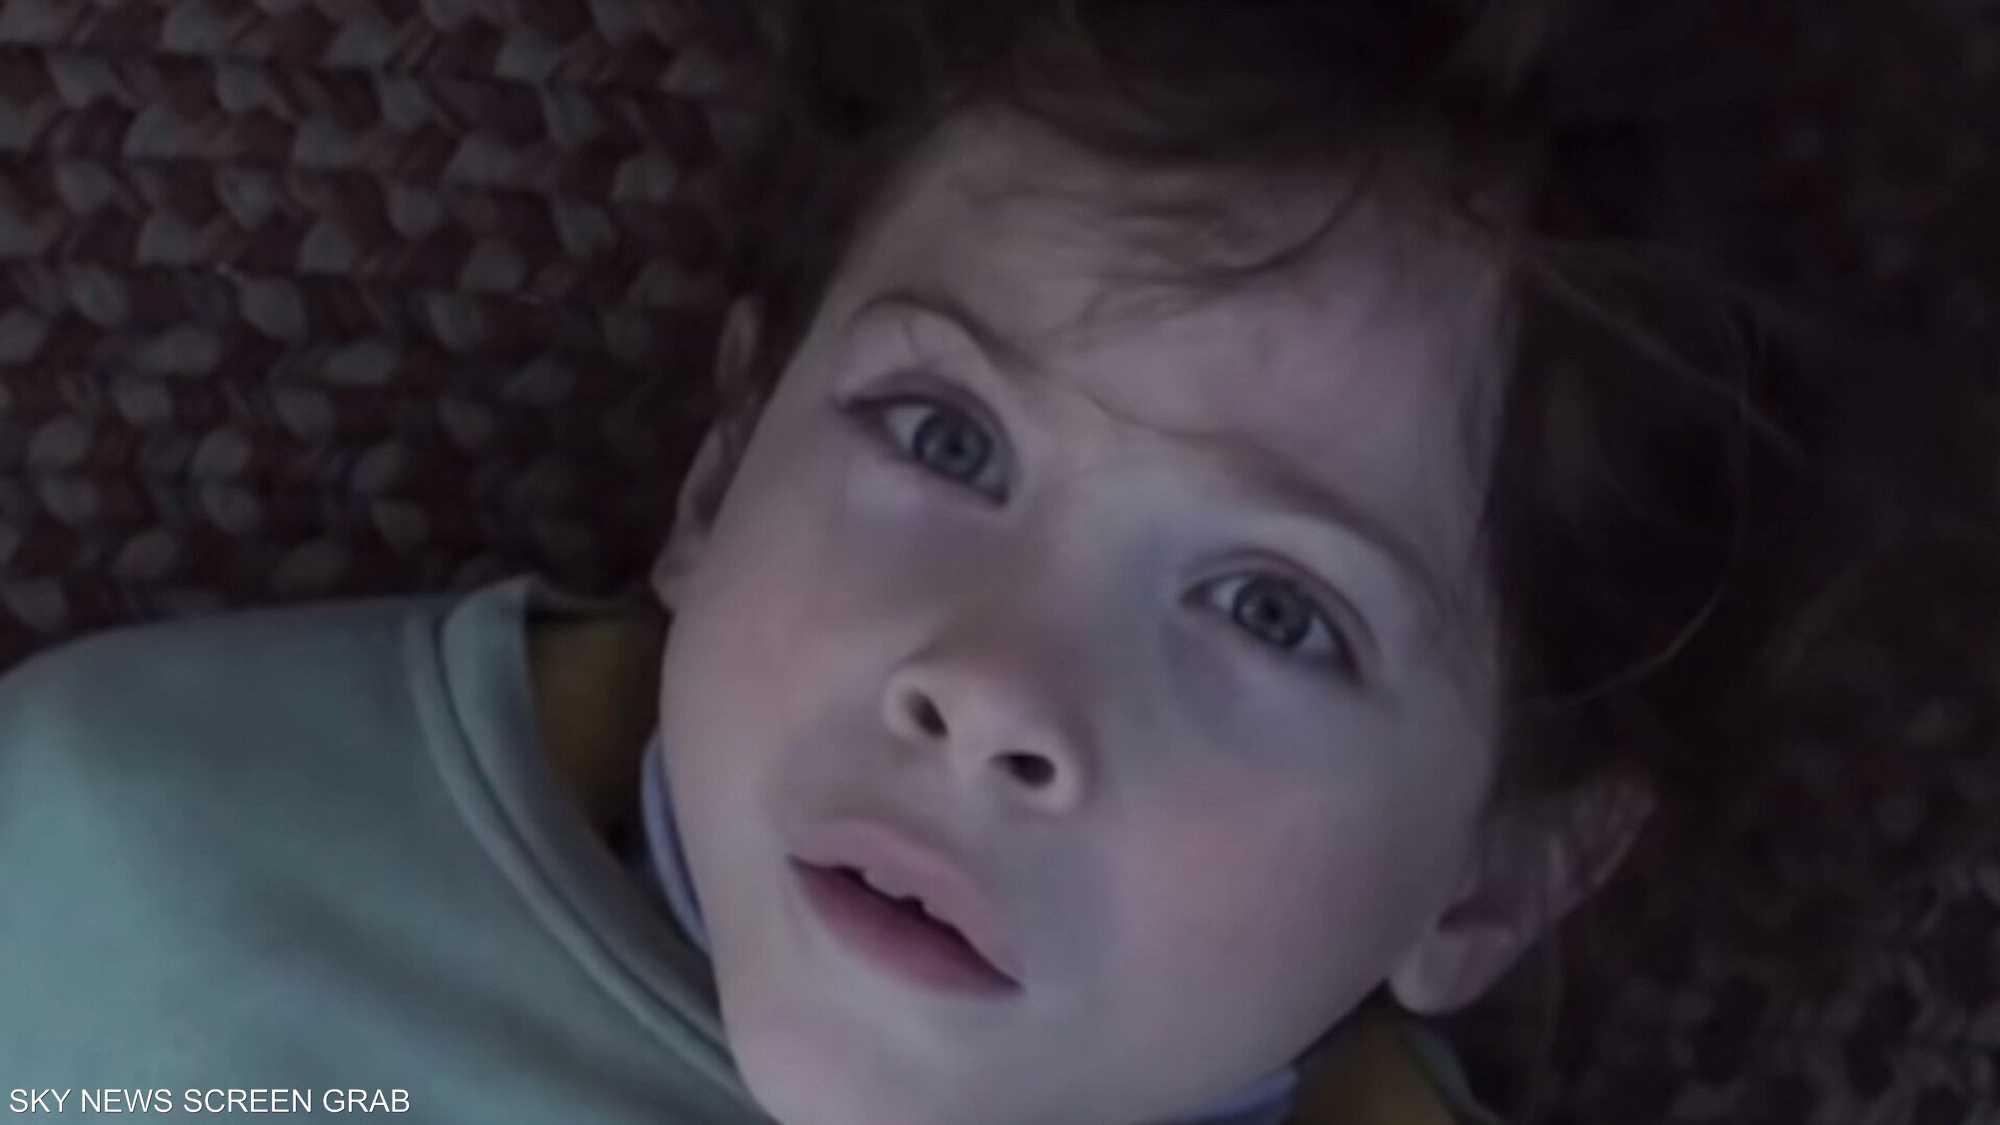 رواية الغرفة.. قصة اختطاف طفل وهو في رحم أمه